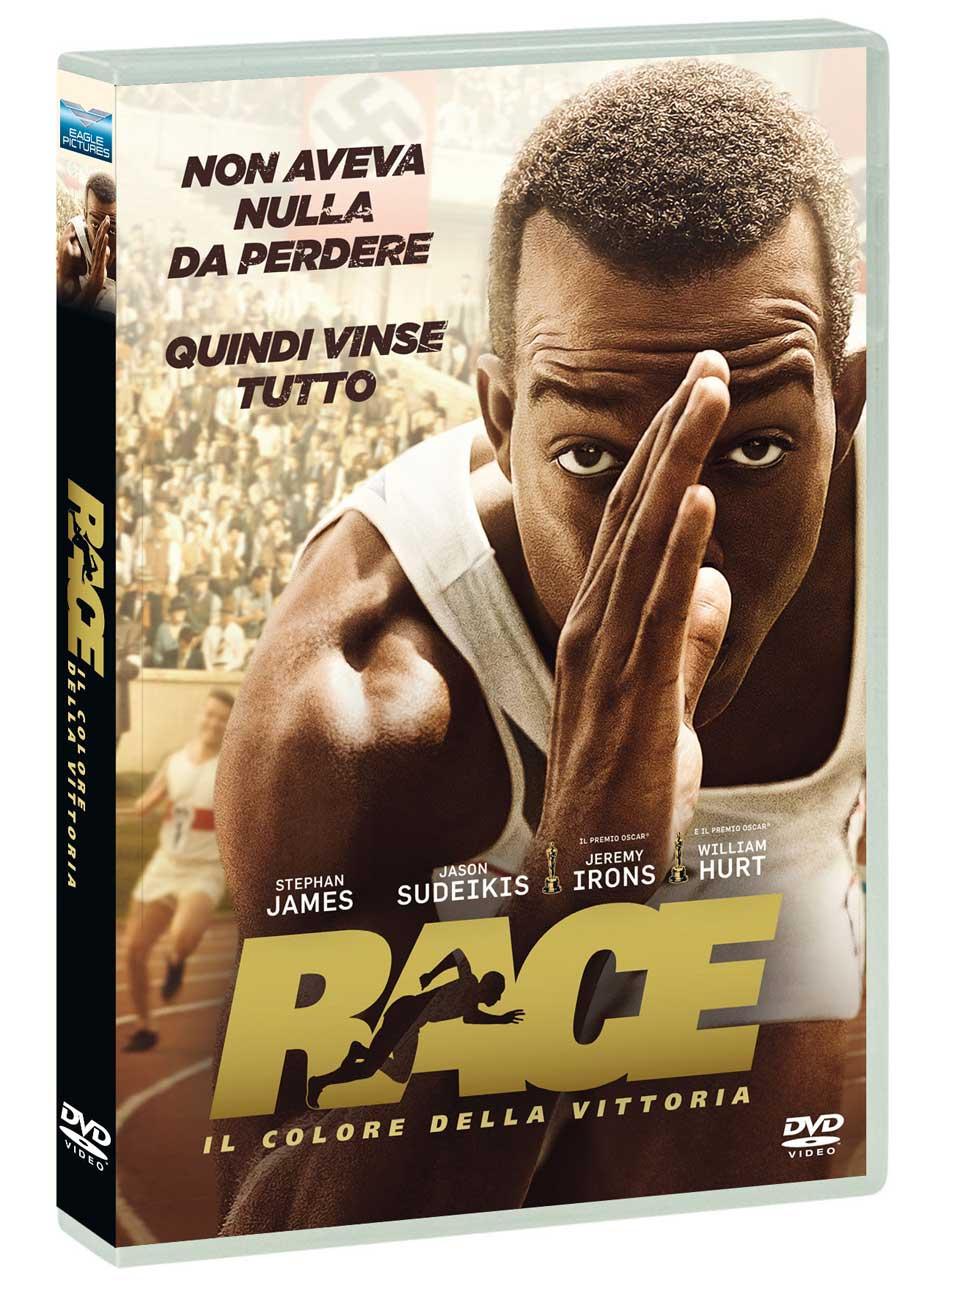 Race il colore della vittoria for Race il colore della vittoria